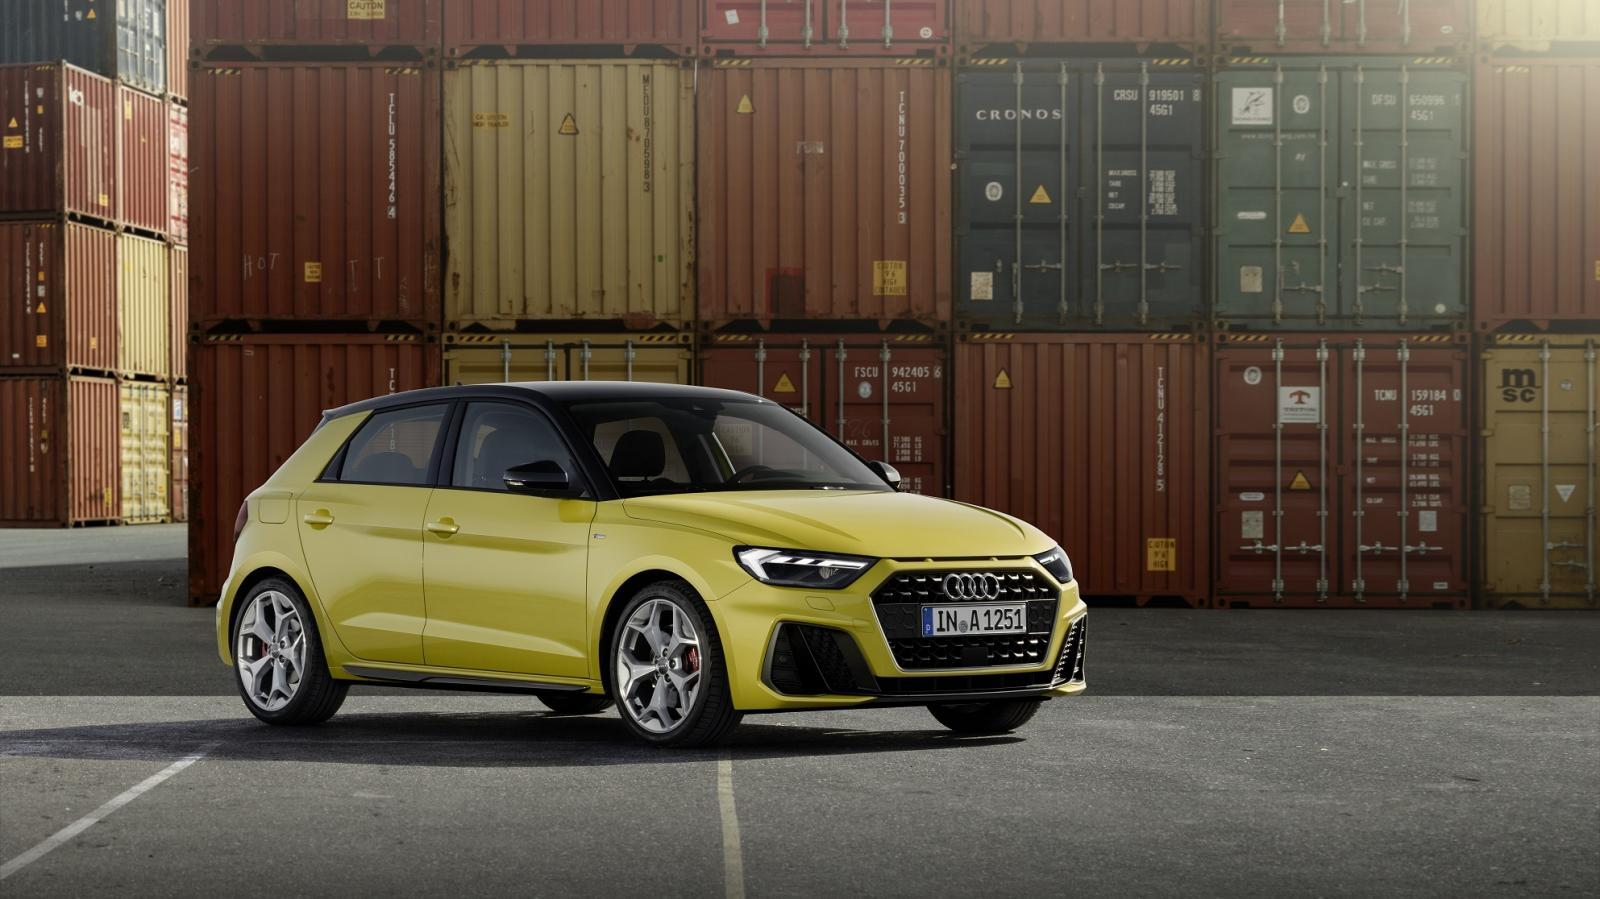 El Audi A1 Sportback presenta novedades interesantes